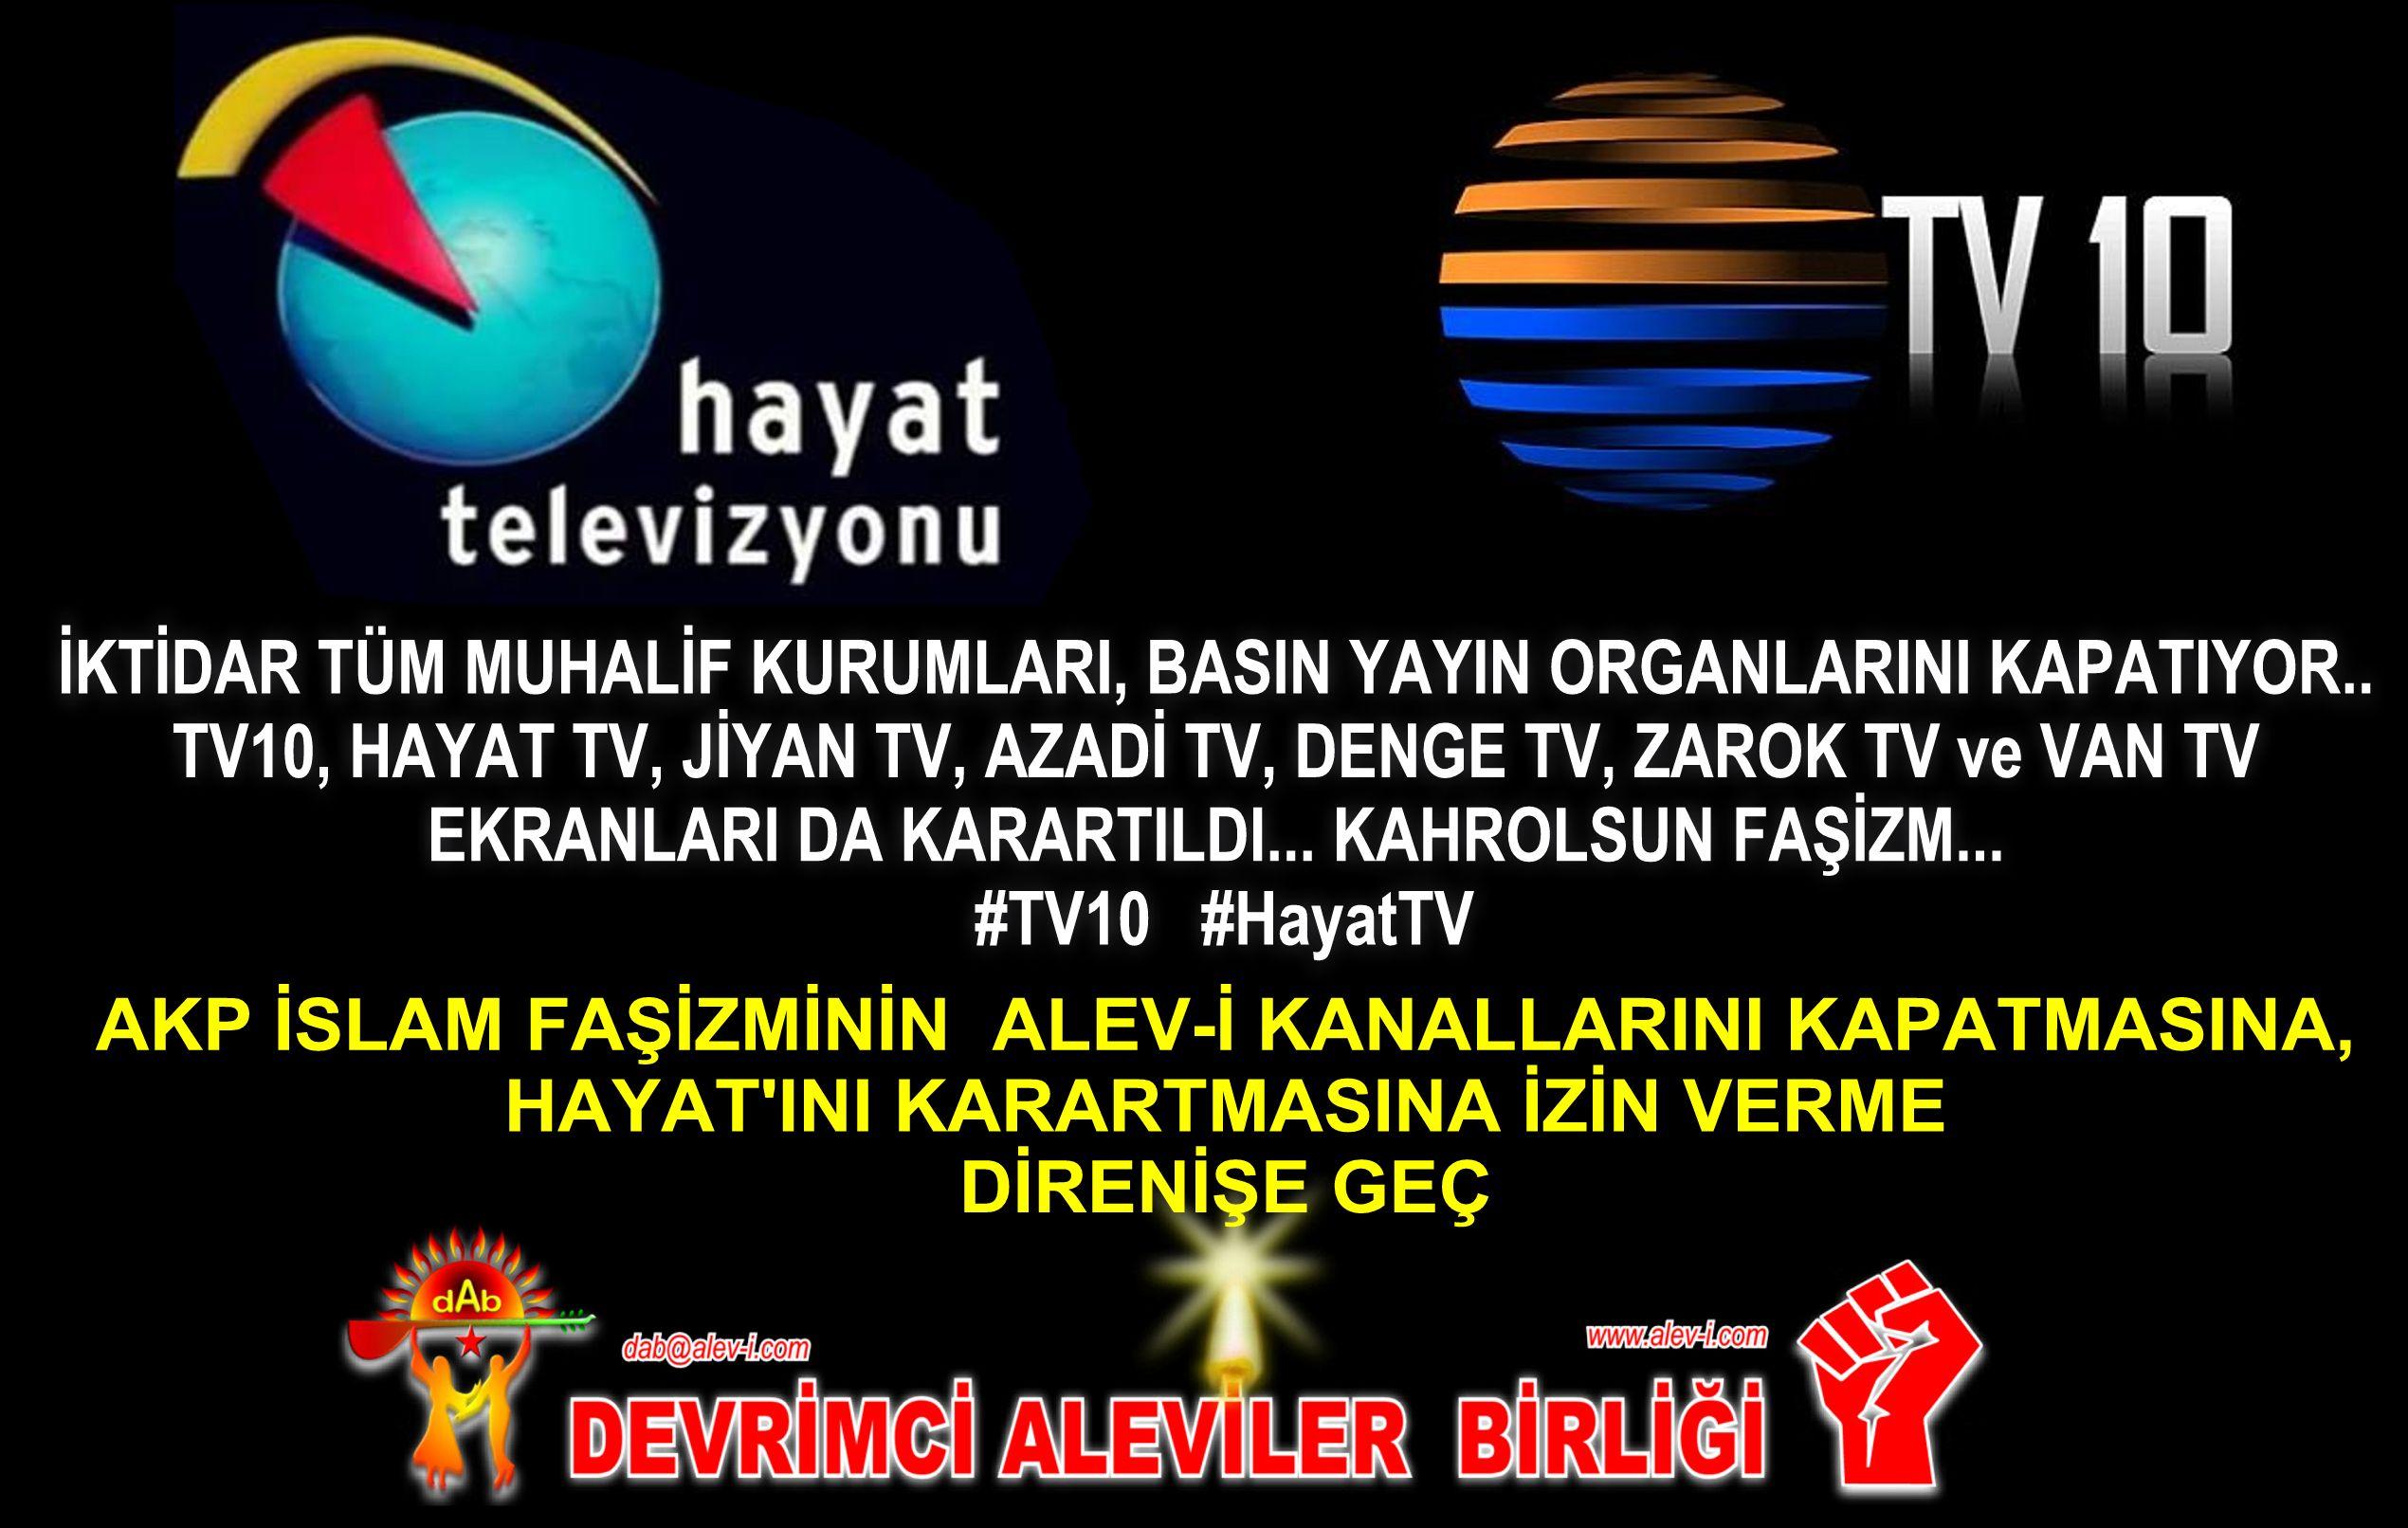 Devrimci Aleviler Birliği DAB Alevi Kızılbaş Bektaşi pir sultan cem hz Ali 12 imam semah Feramuz Şah Acar HAYAT TV10